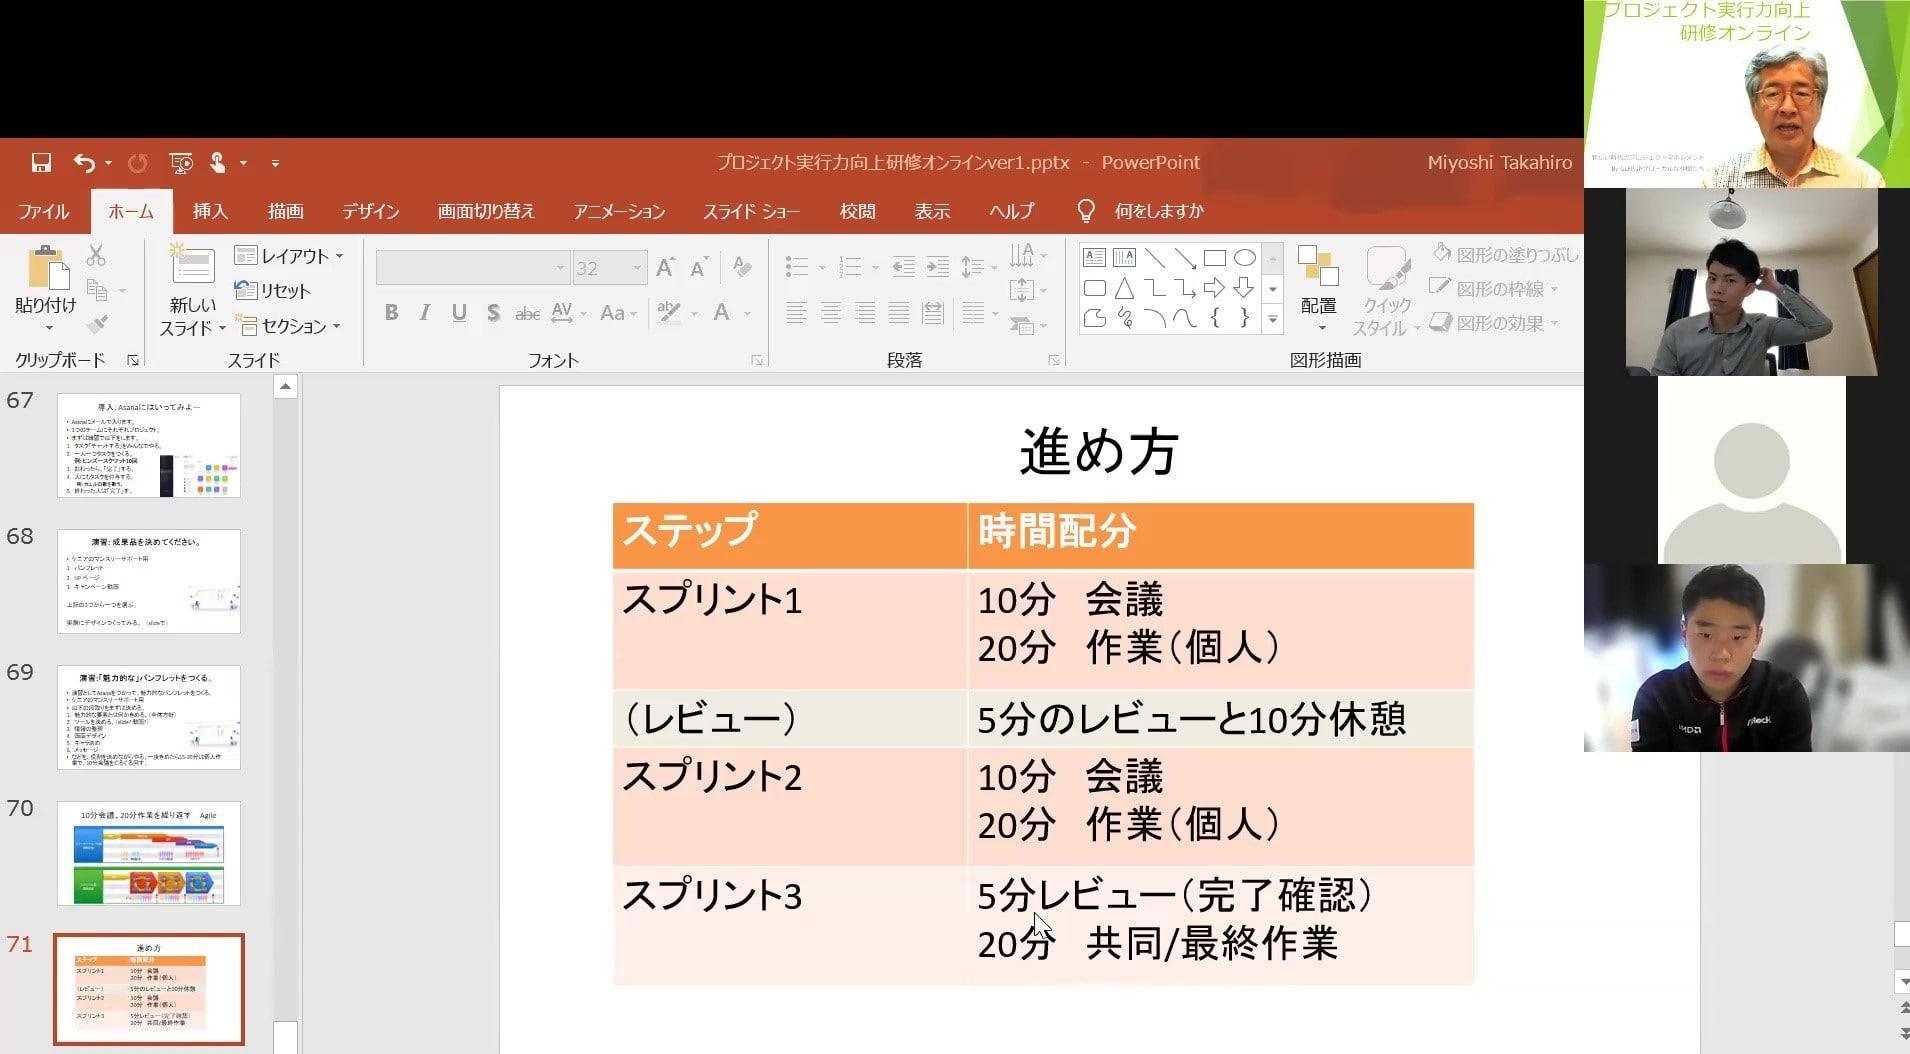 プロジェクト実行向上研修オンライン報告10